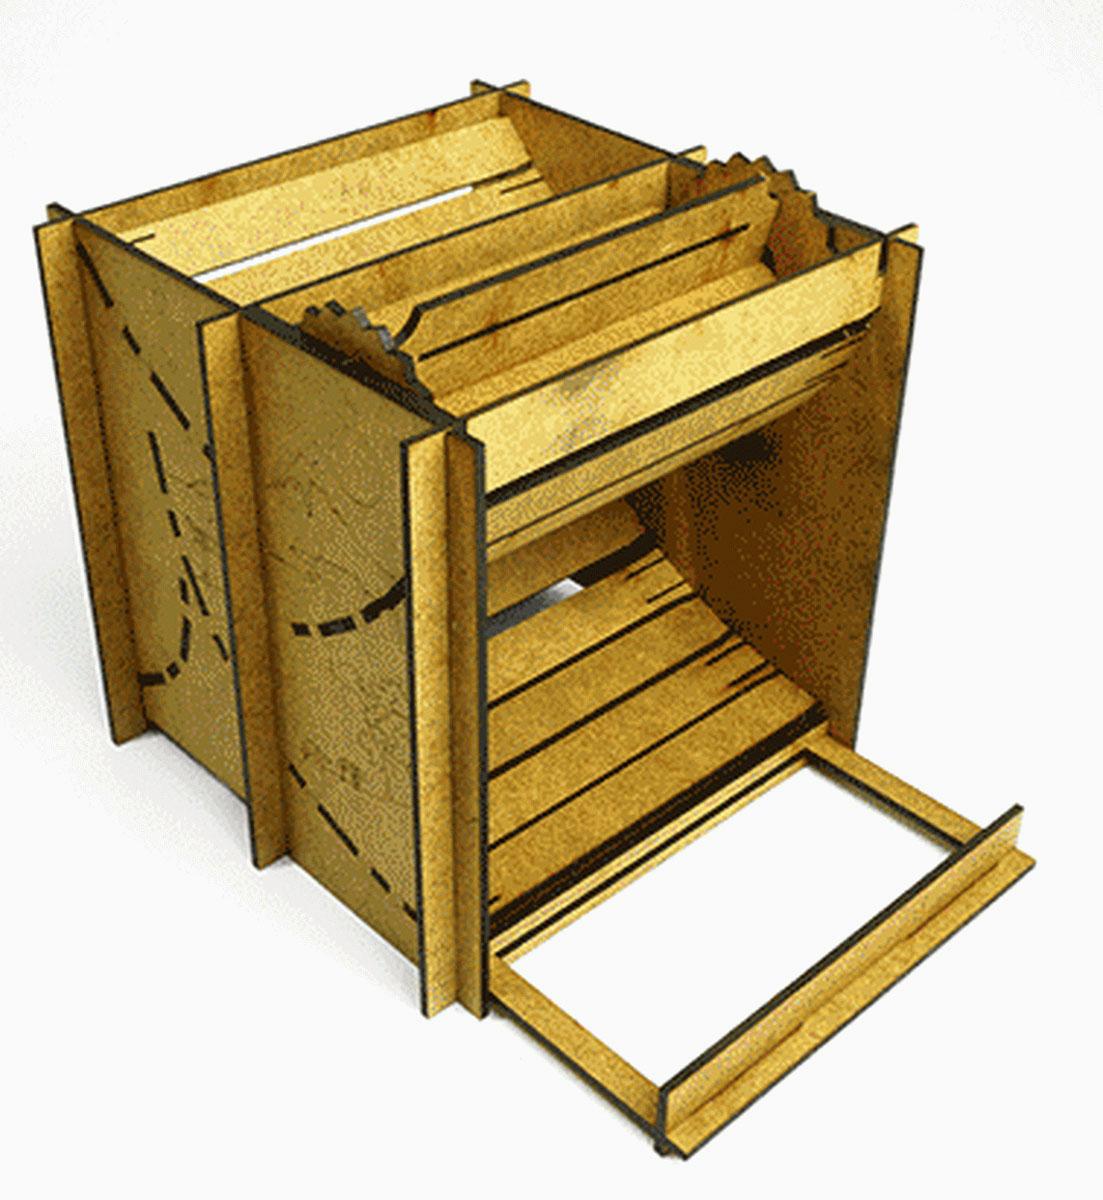 Правильные игры Башня для бросков кубиков Мельница на склоне Фудзи складная 2 режимаLP004-064Башня для бросков кубиков - это приспособления для бросков кубиков когда важно, чтобы значения, выпавшие на кубиках не подверглись сомнению. Башня собирается самостоятельно без клея.